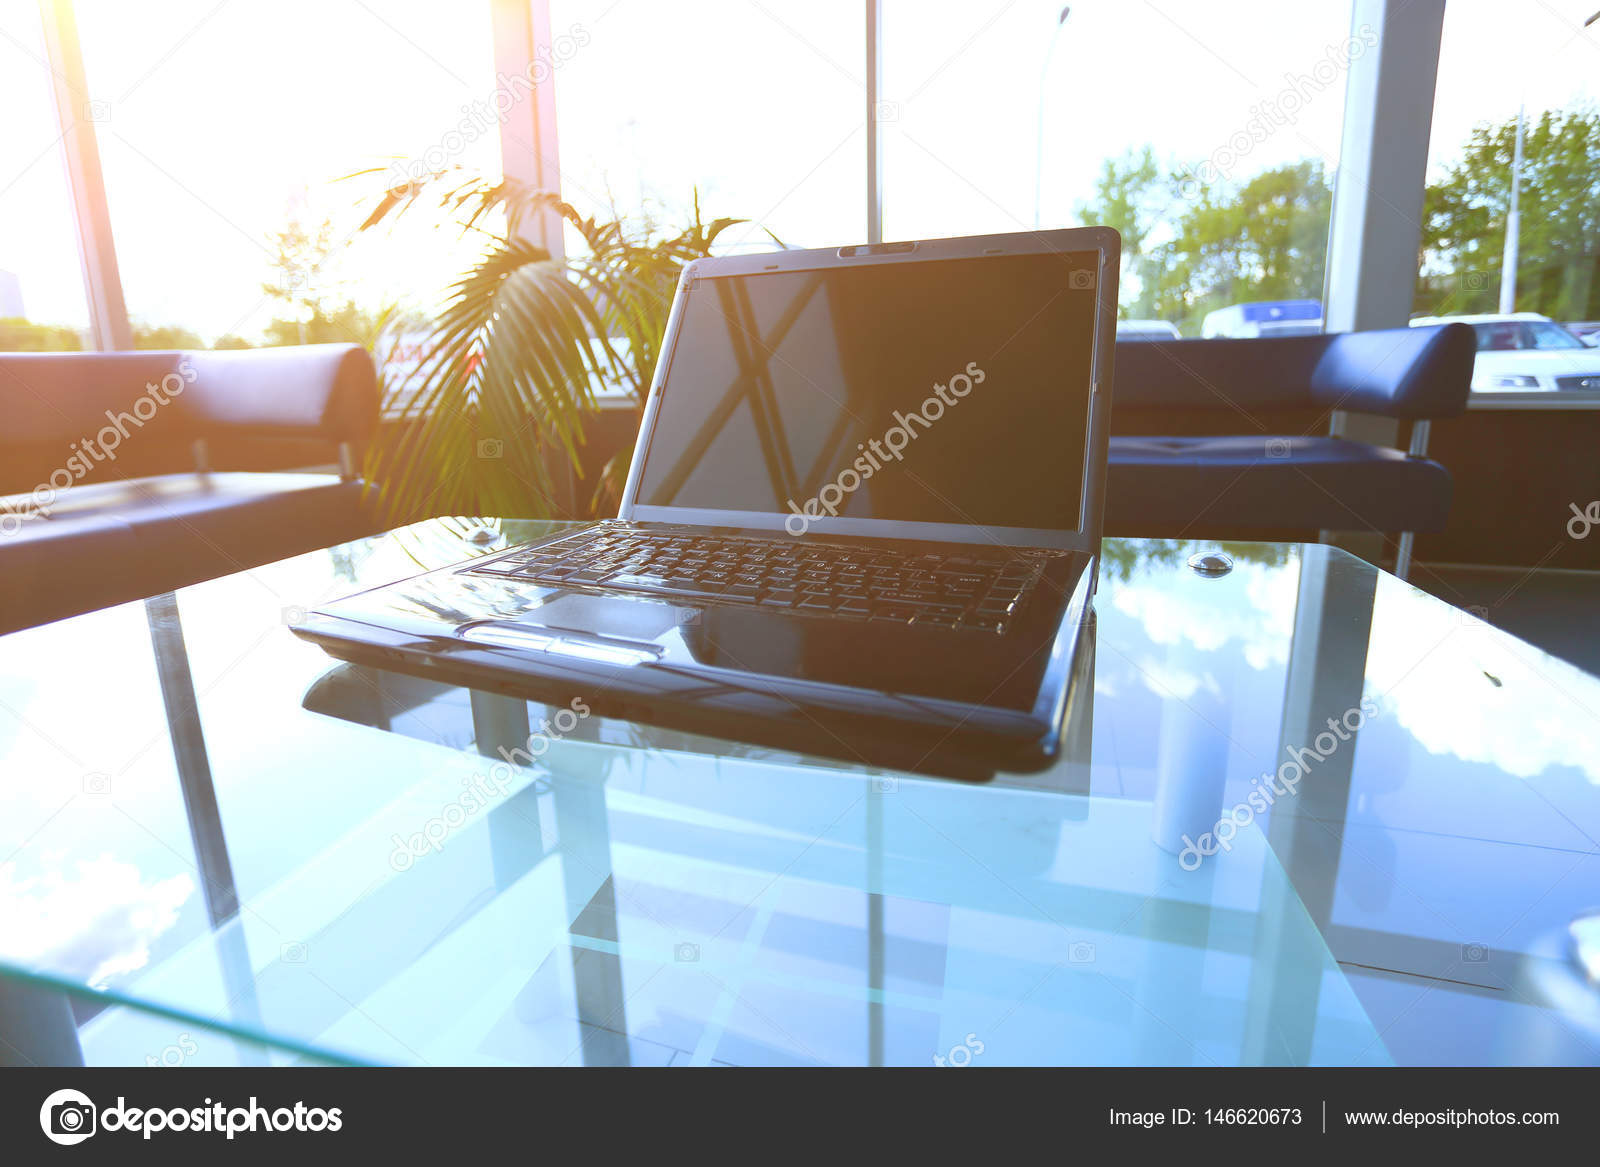 Bureau d un ordinateur de bureau moderne avec un ordinateur